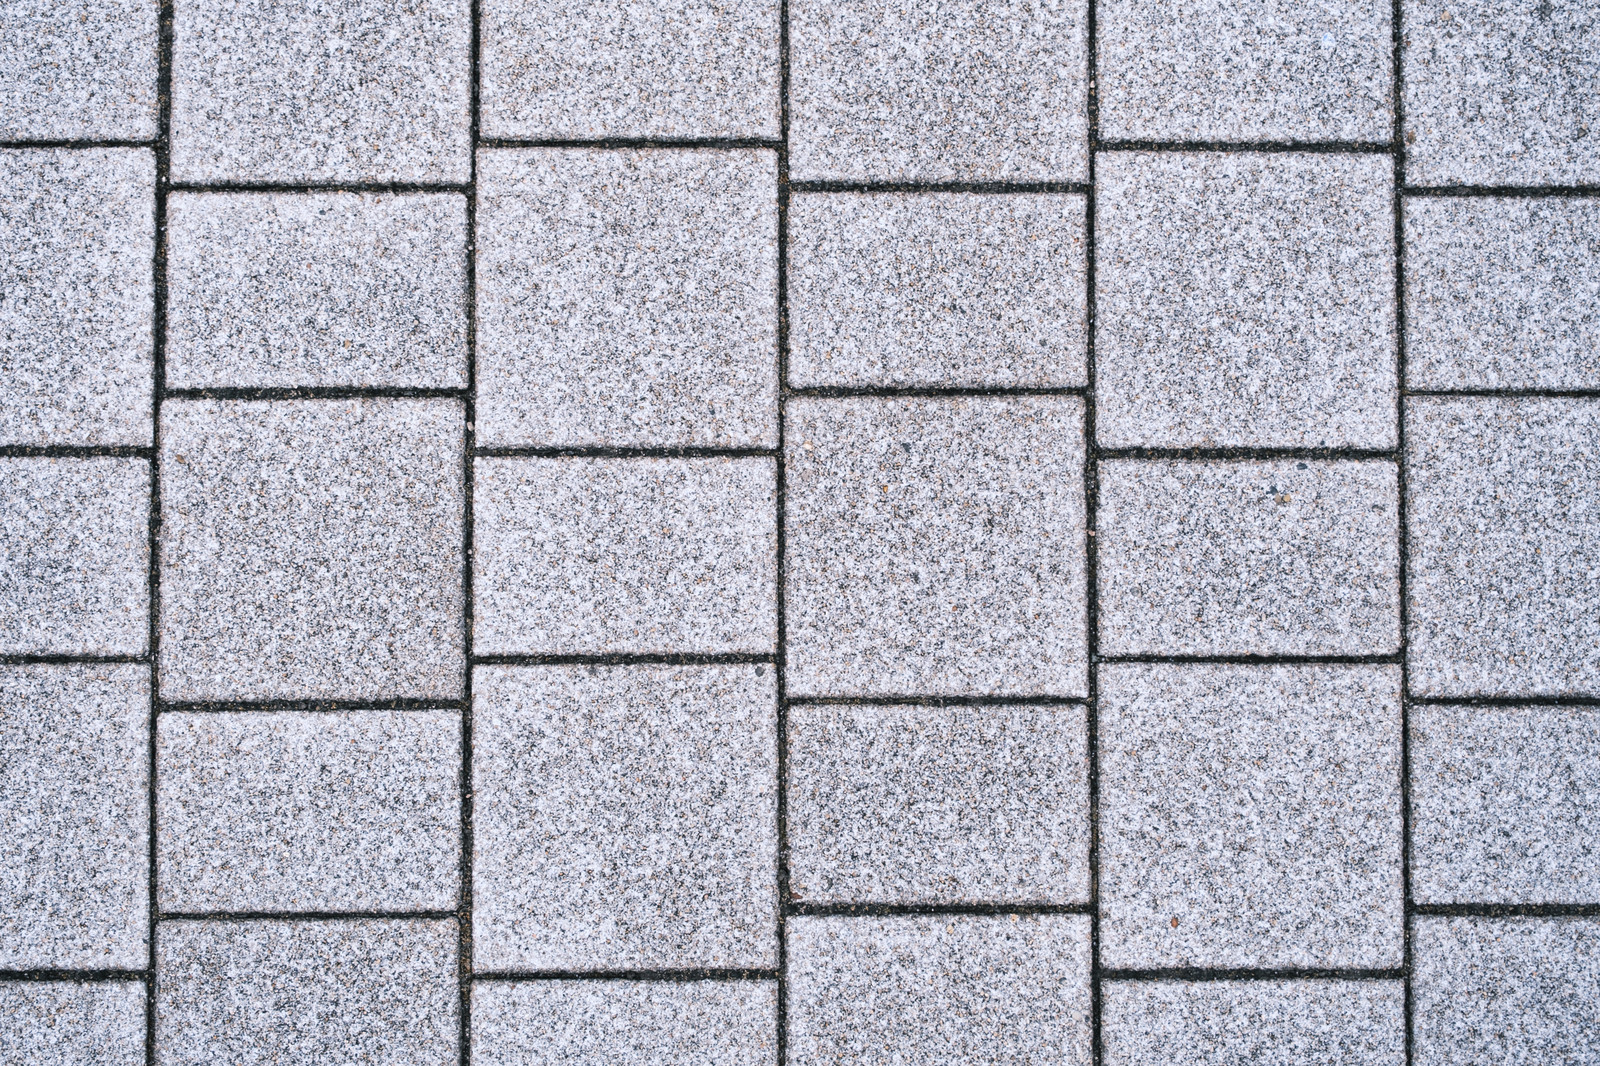 「規則的に並ぶ石材タイル(テクスチャ)」の写真